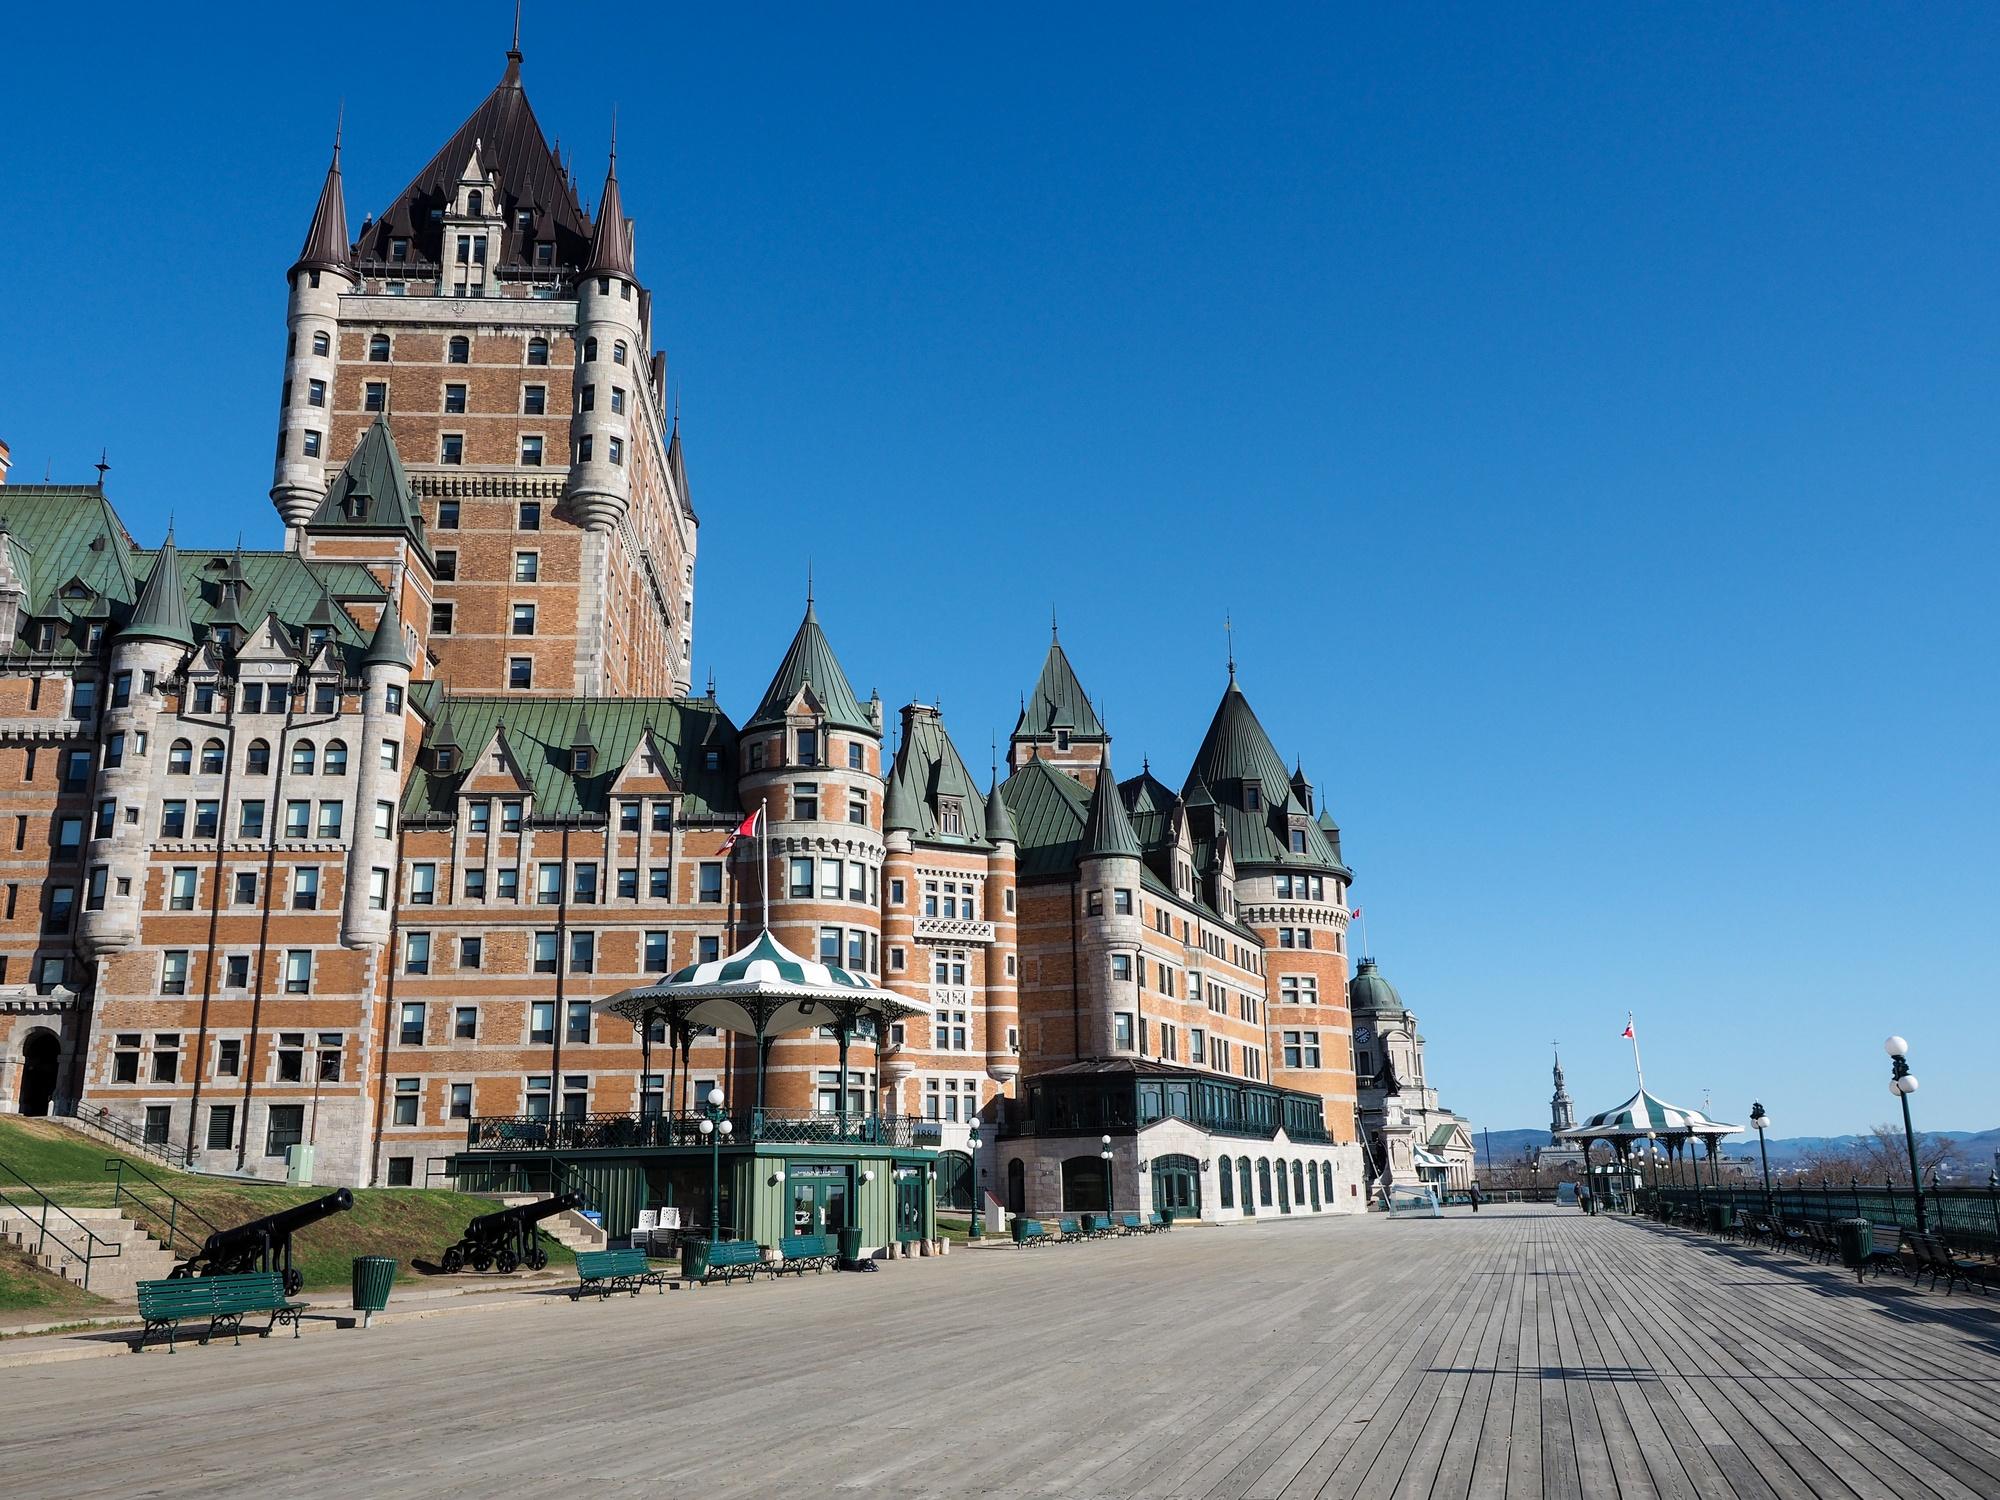 Fairmont Le Chateau Frontenac in Quebec City